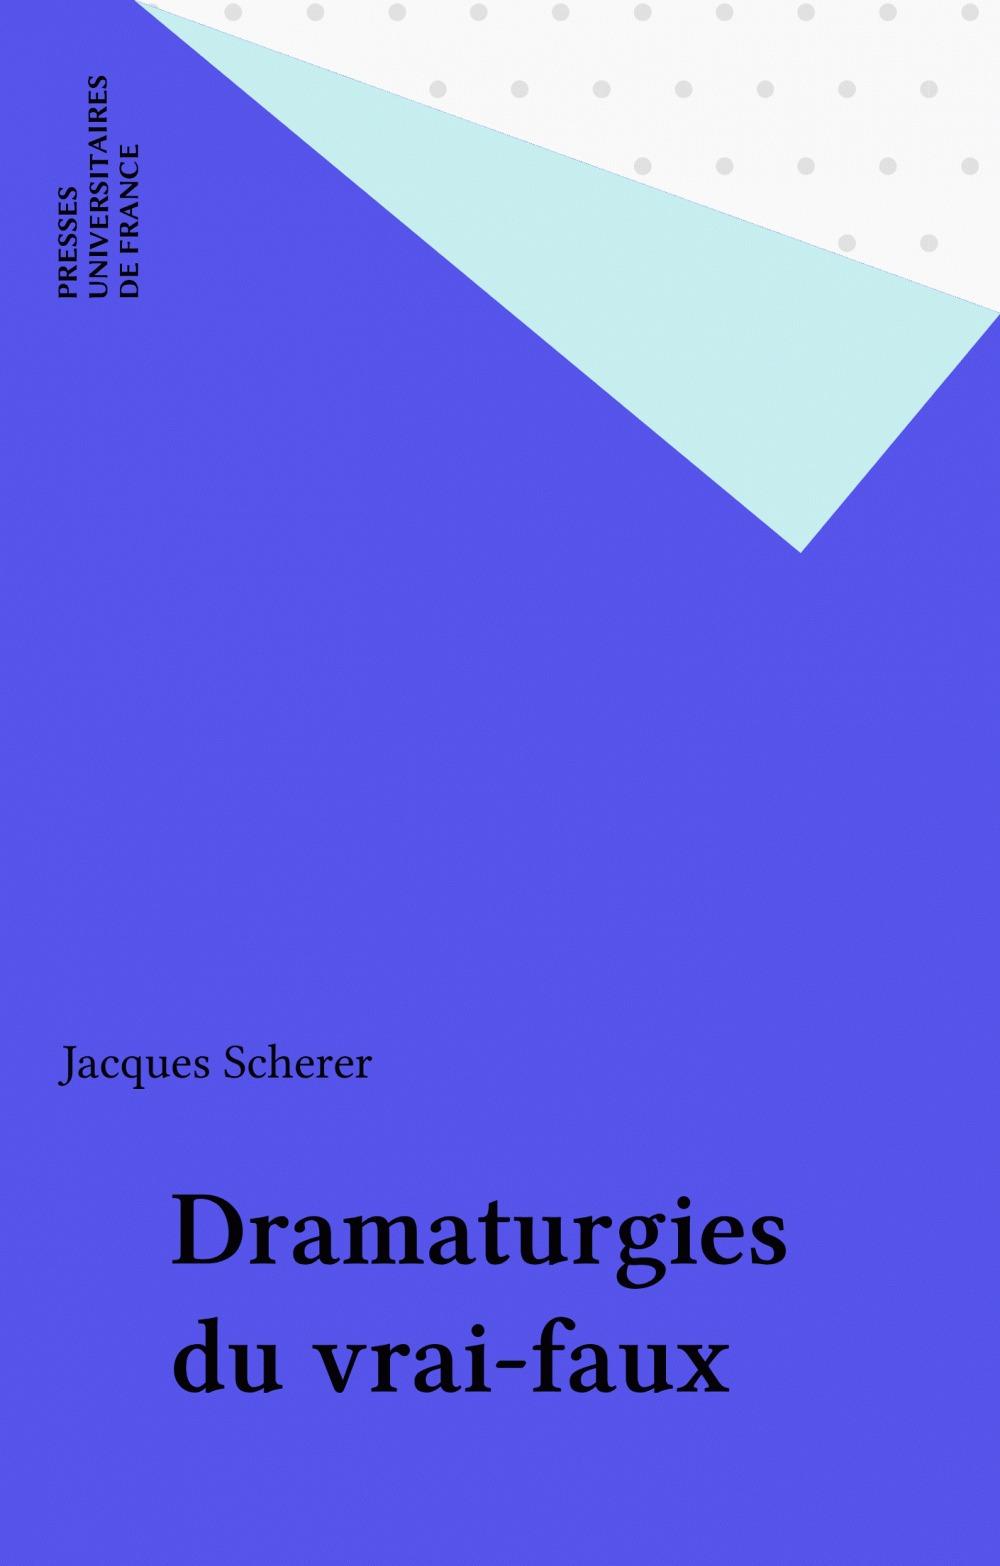 Dramaturgies du vrai-faux